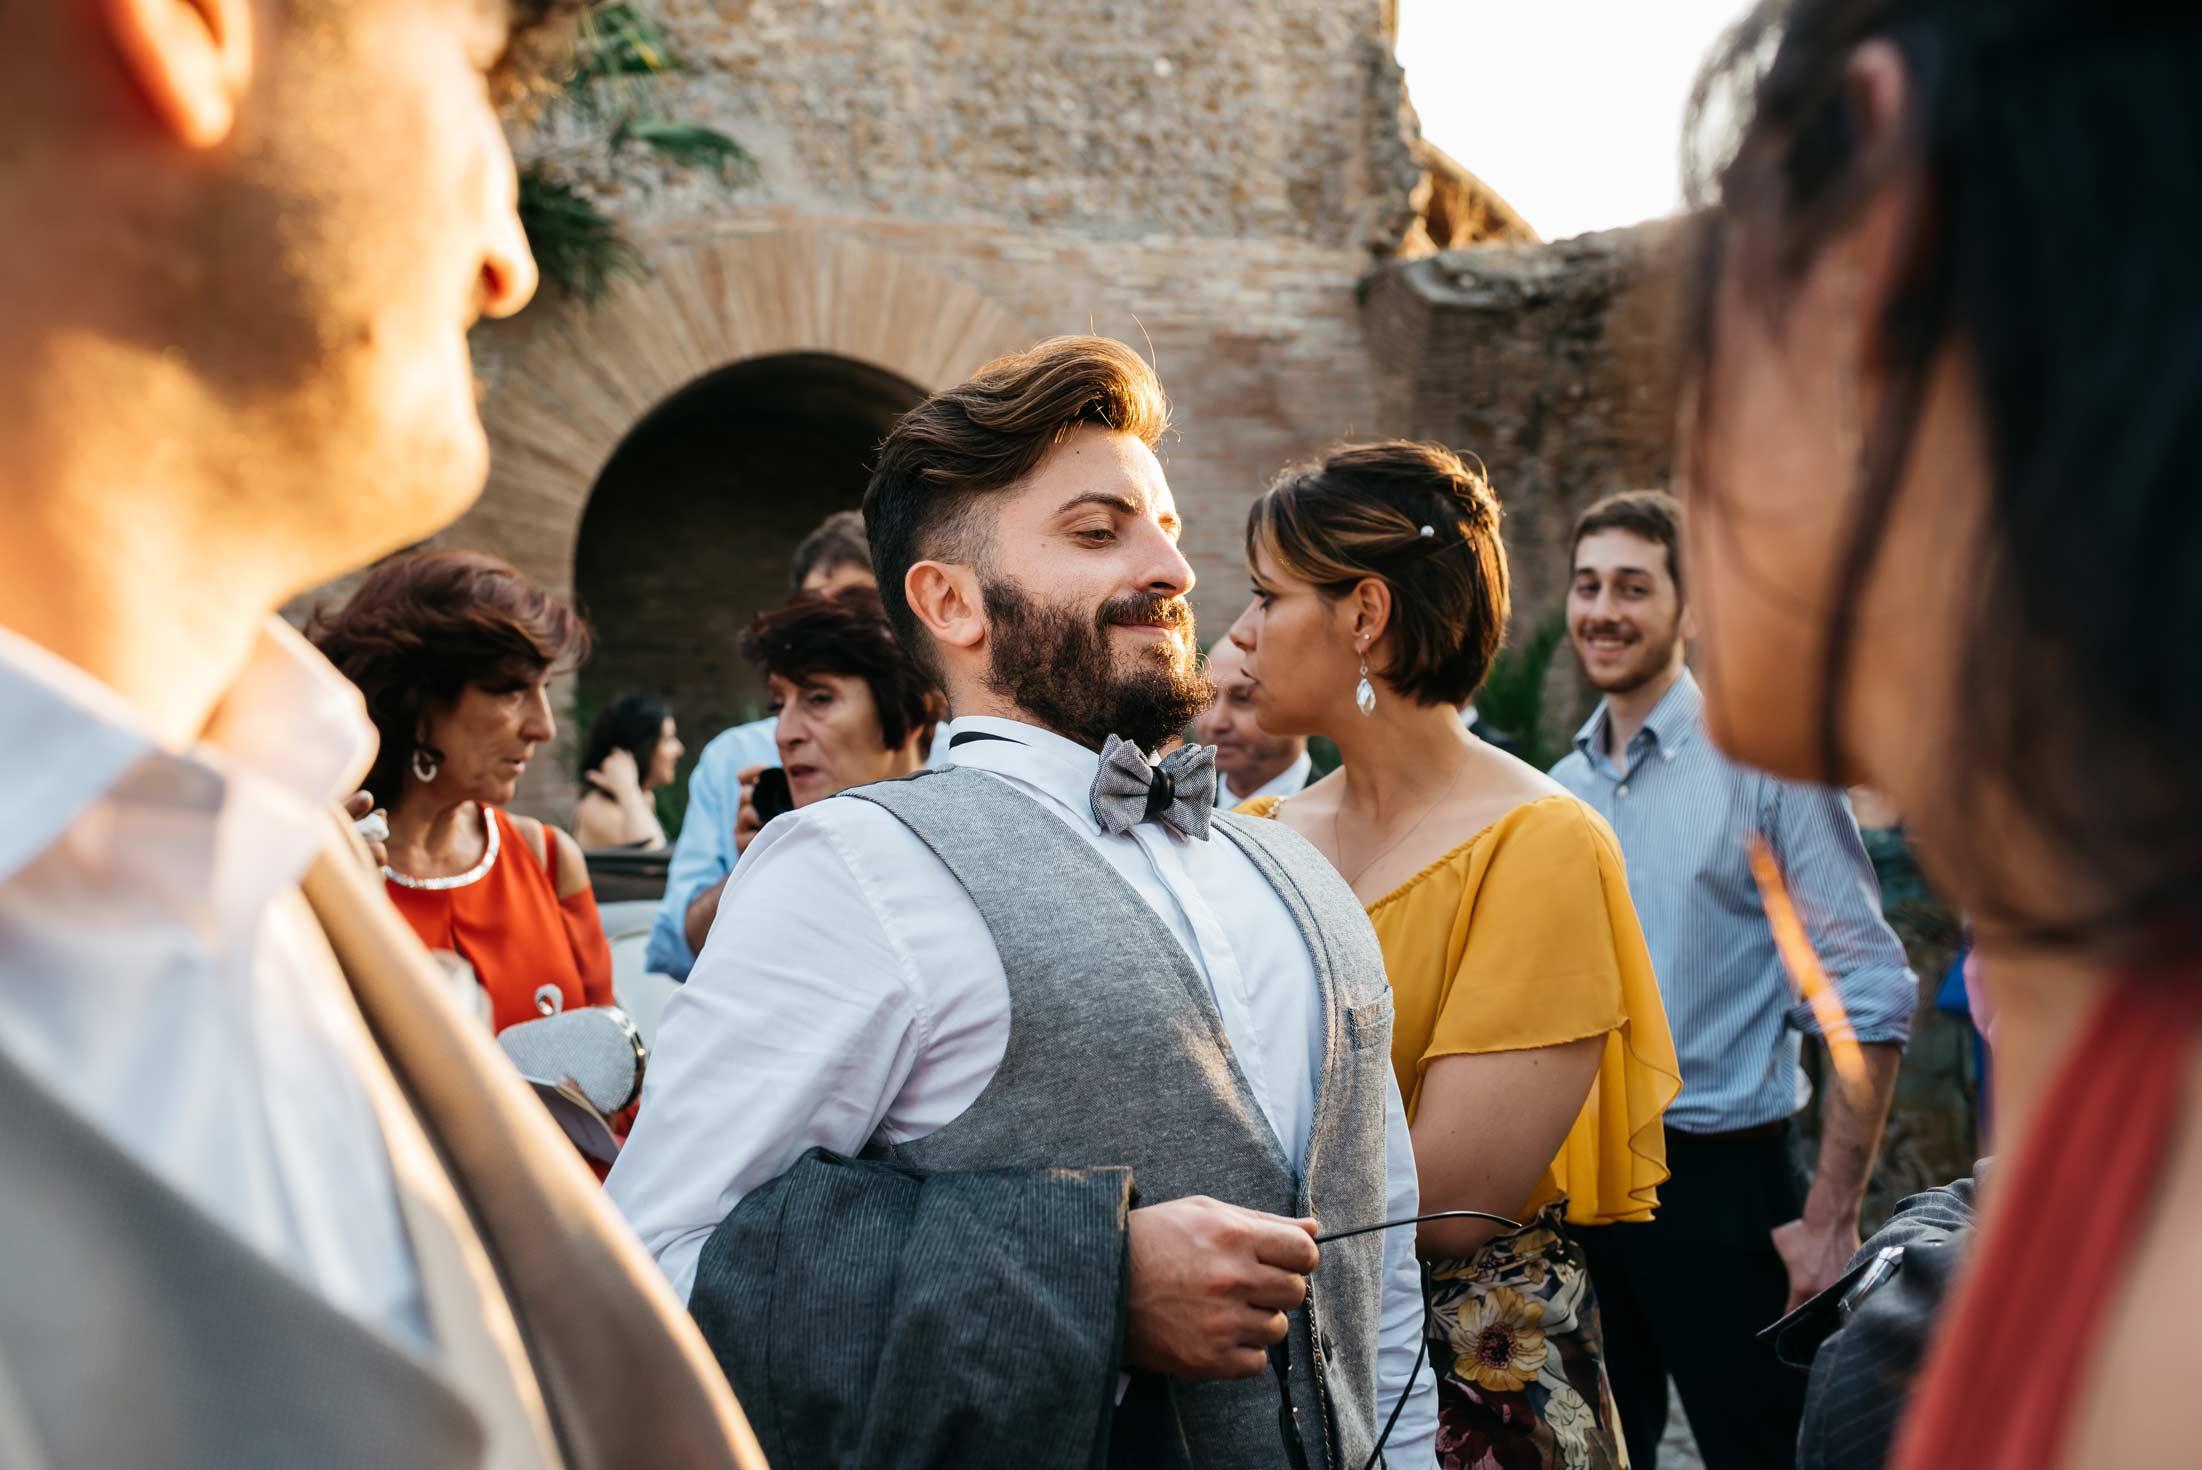 Fotografo-Di-Matrimonio-Roma-Reportage-Cerimonia-1